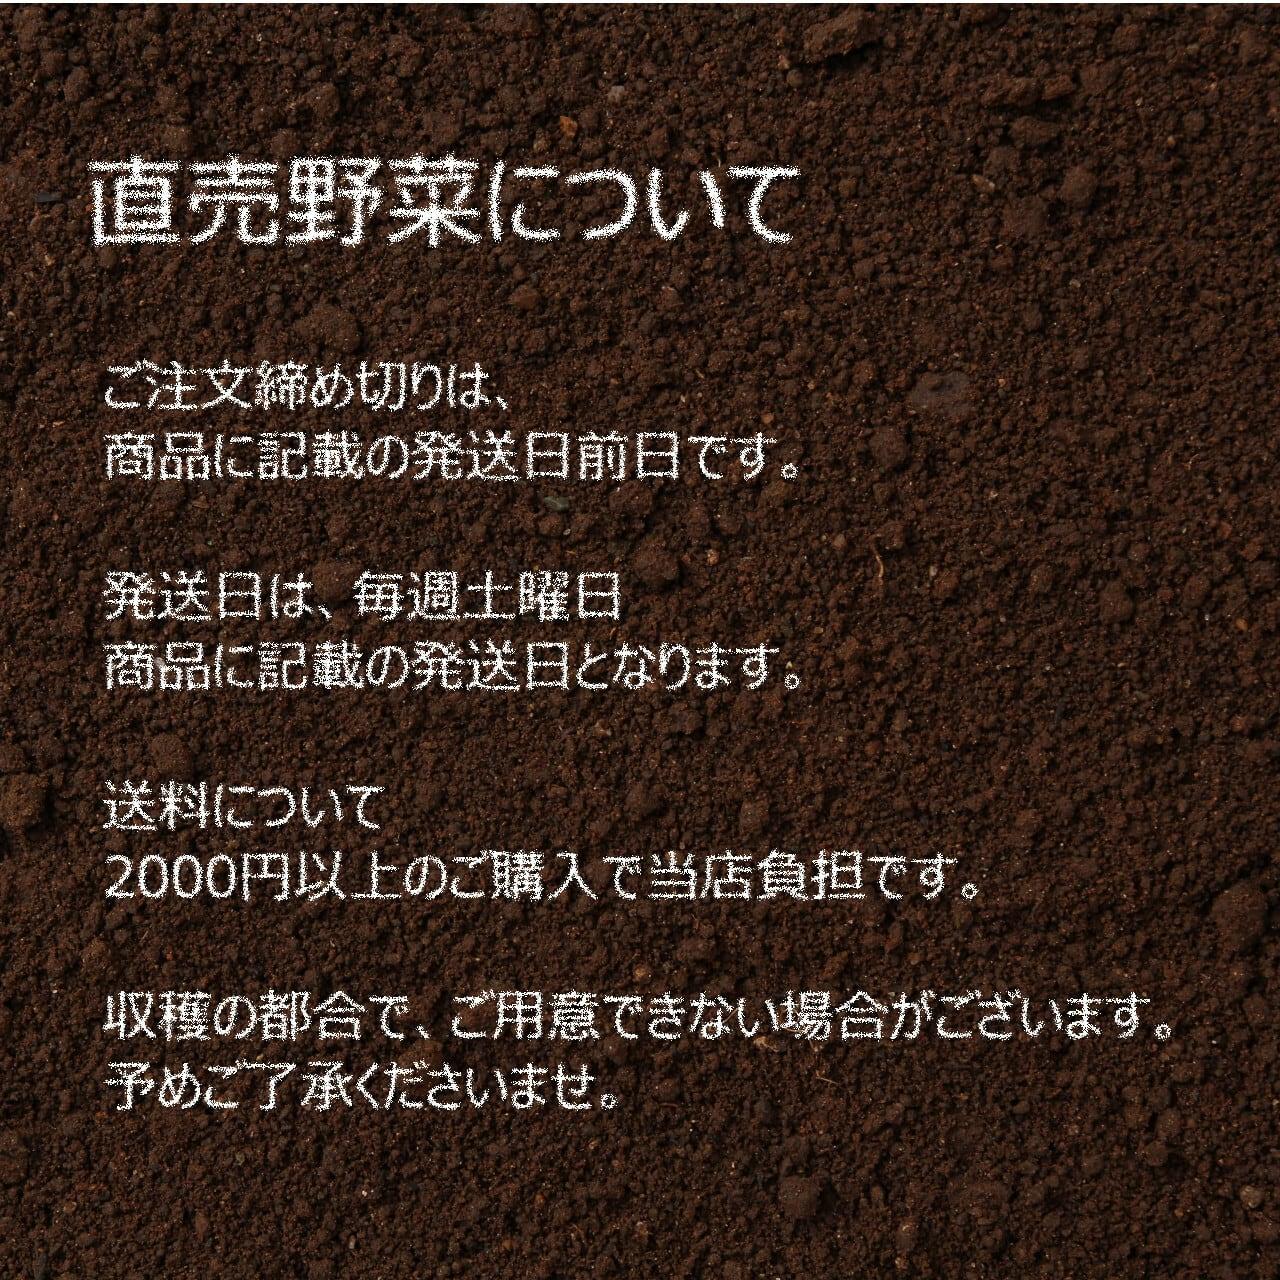 春の新鮮野菜 スナップエンドウ 約300g: 5月の朝採り直売野菜 5月29日発送予定